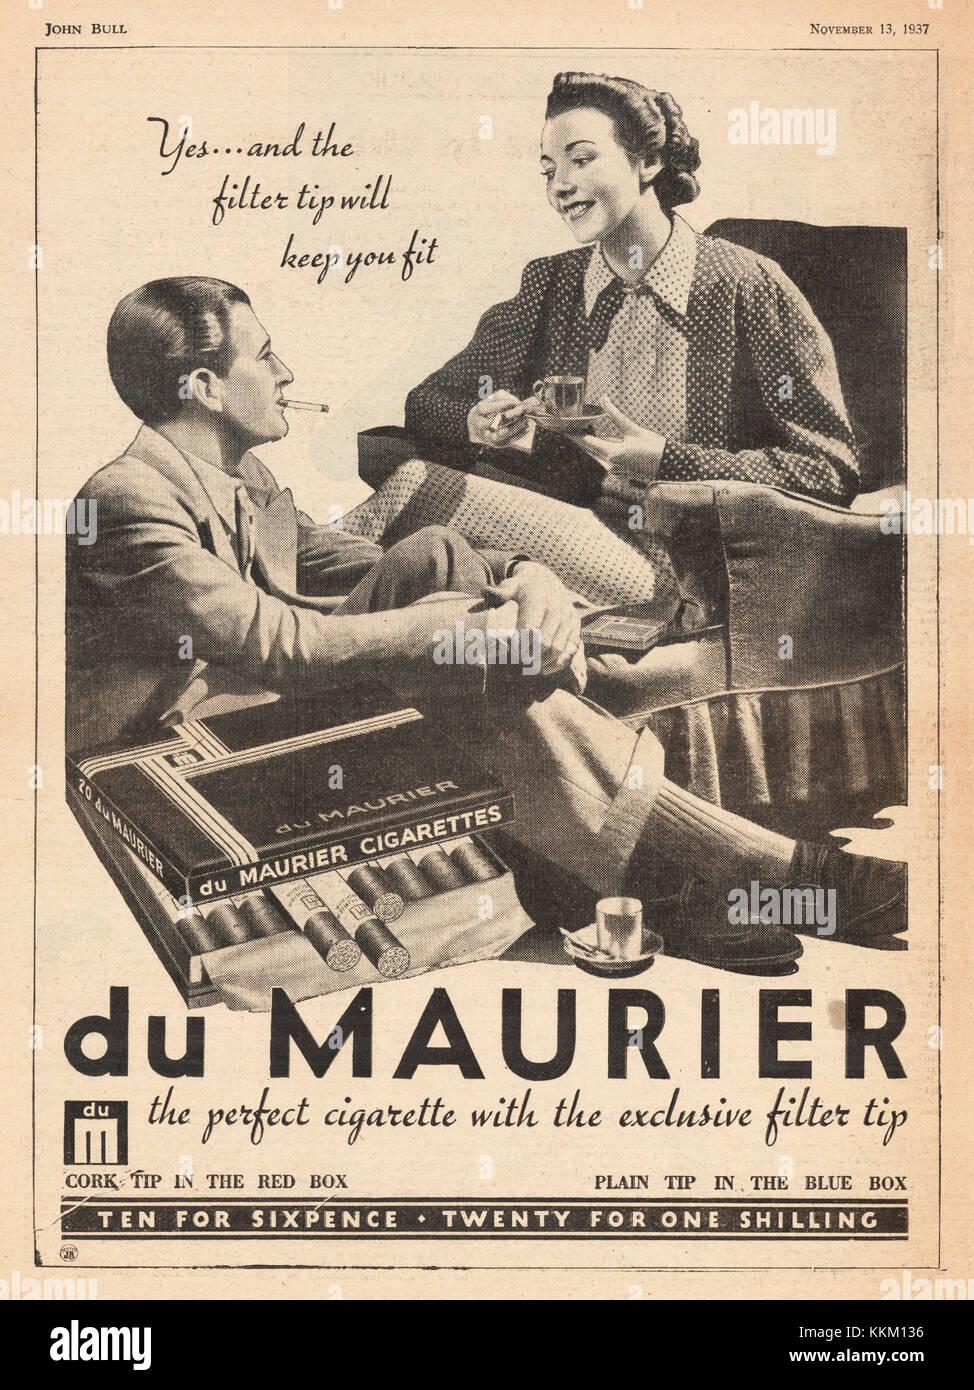 1937 UK Magazine Du Maurier Cigarettes Advert - Stock Image